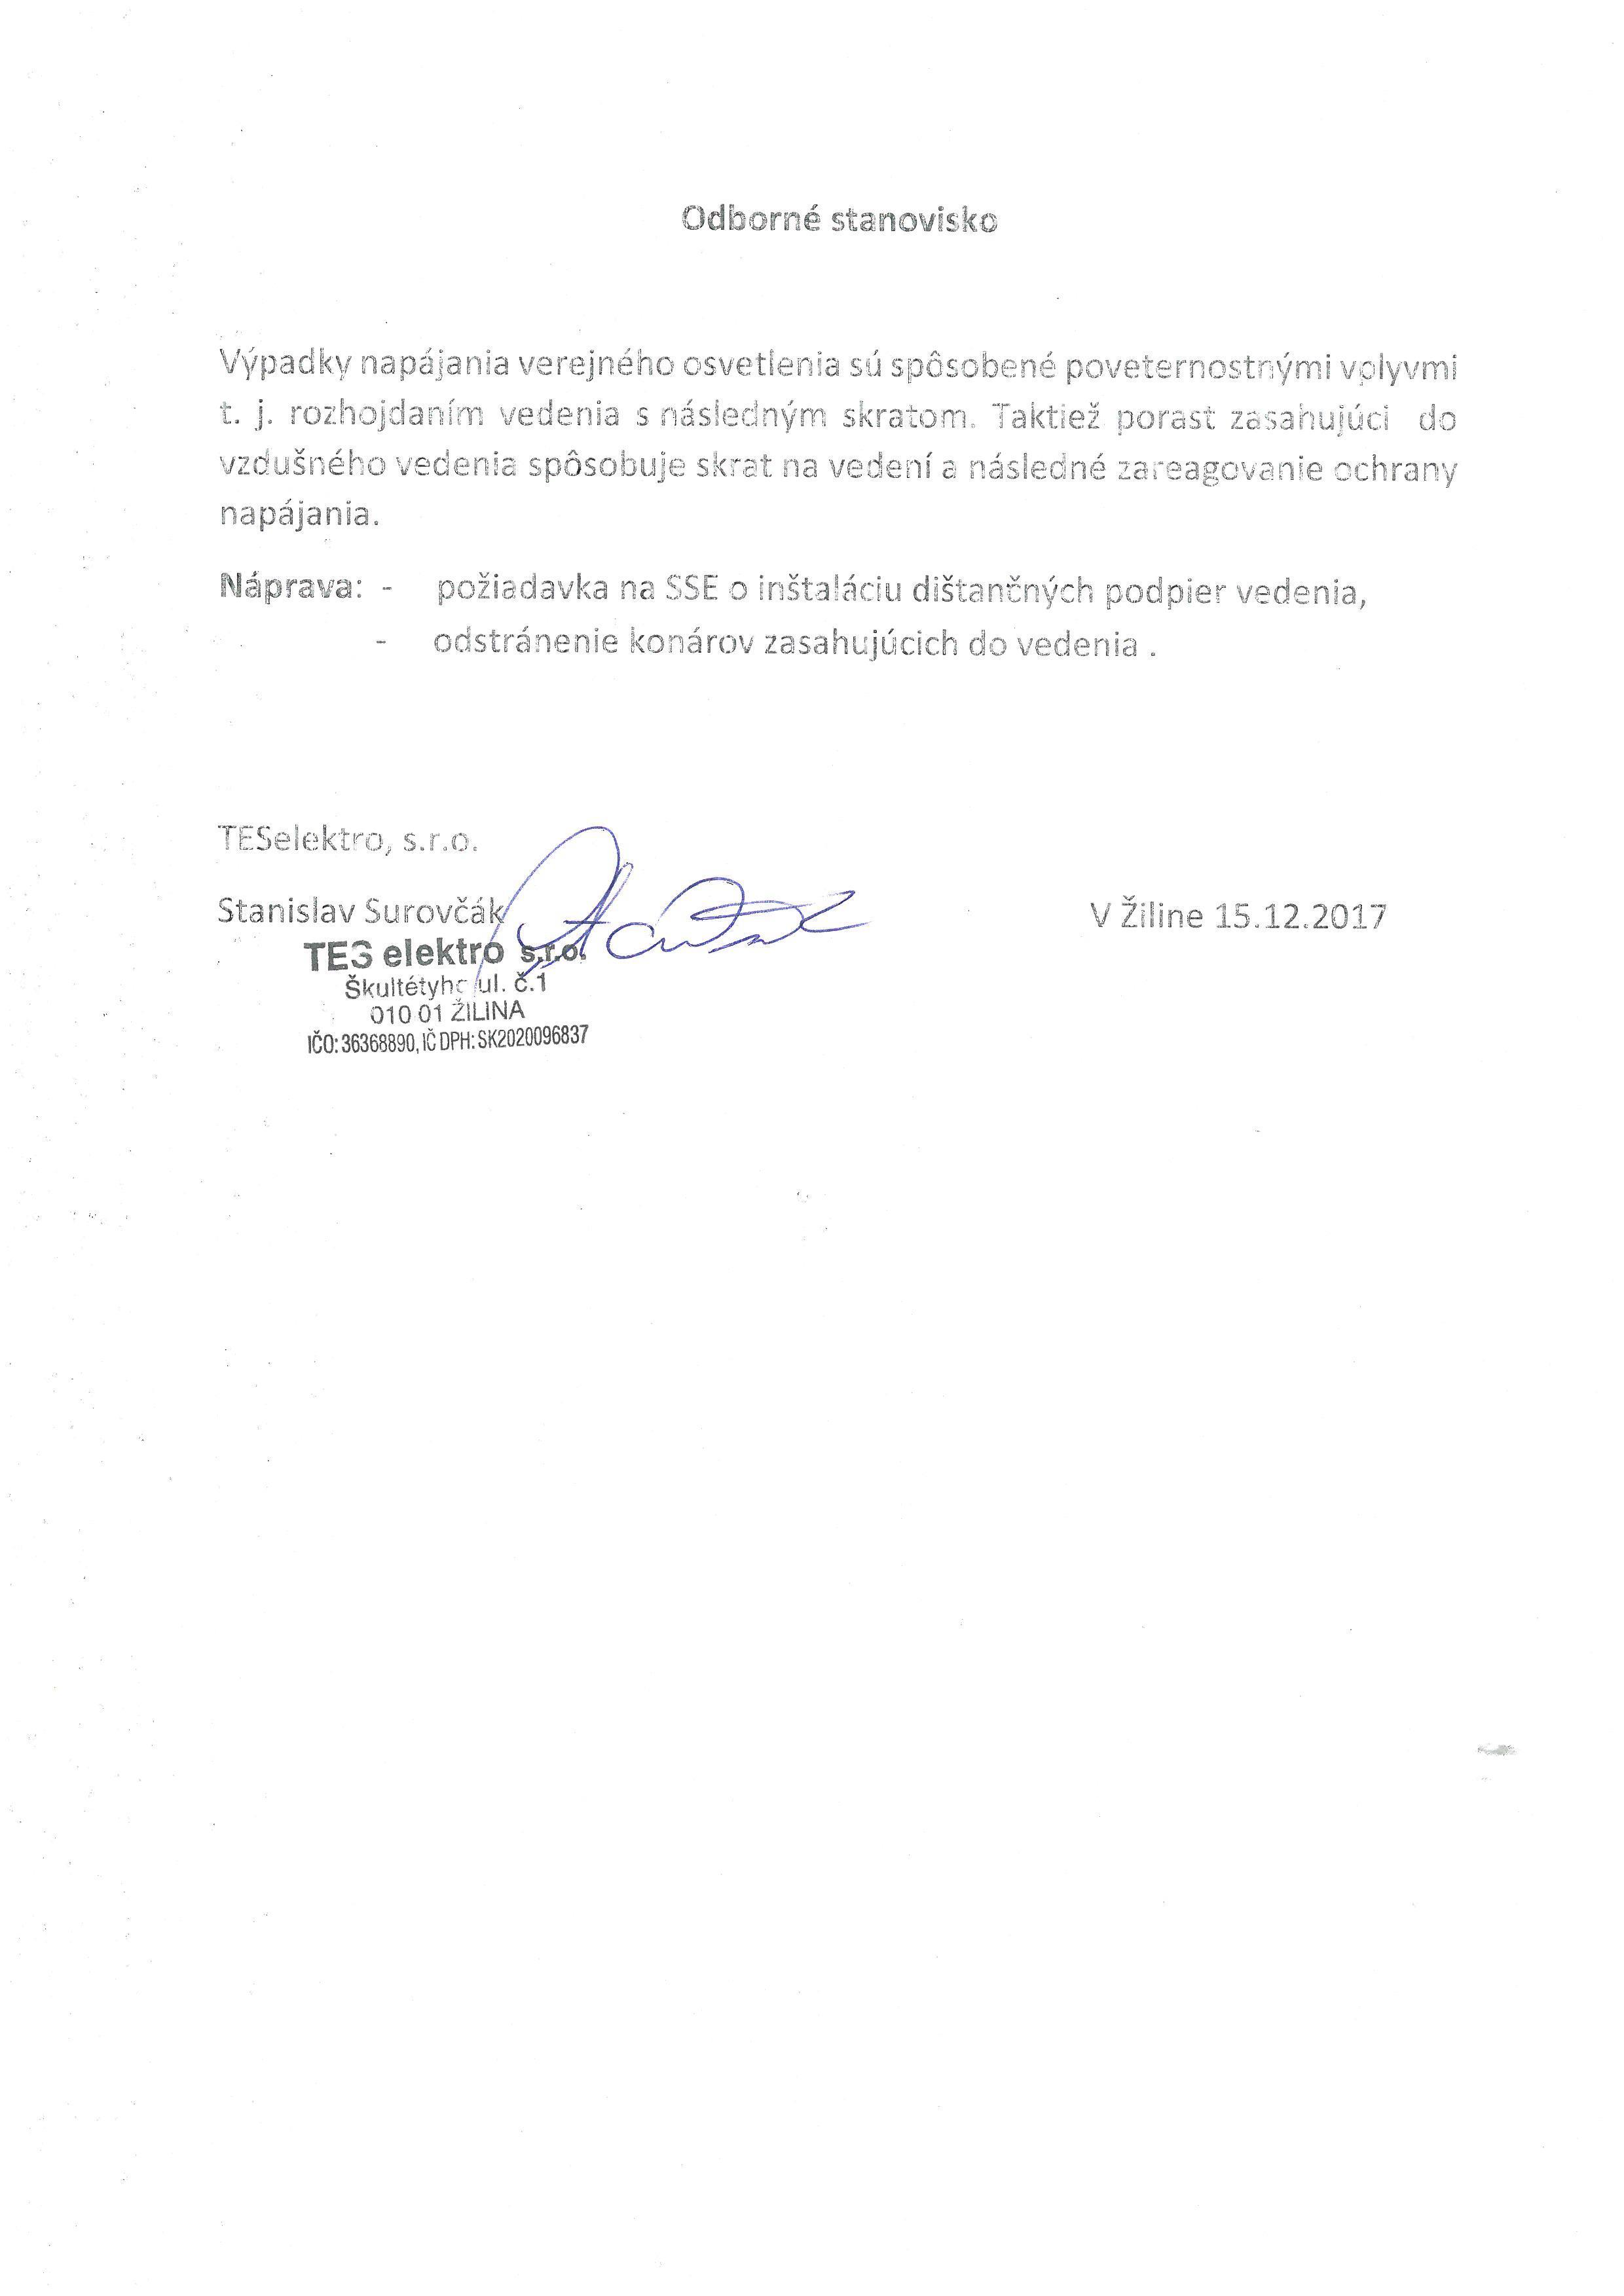 Odborné stanovisko TES ELEKTRO (Výpadky verejného osvetlenia